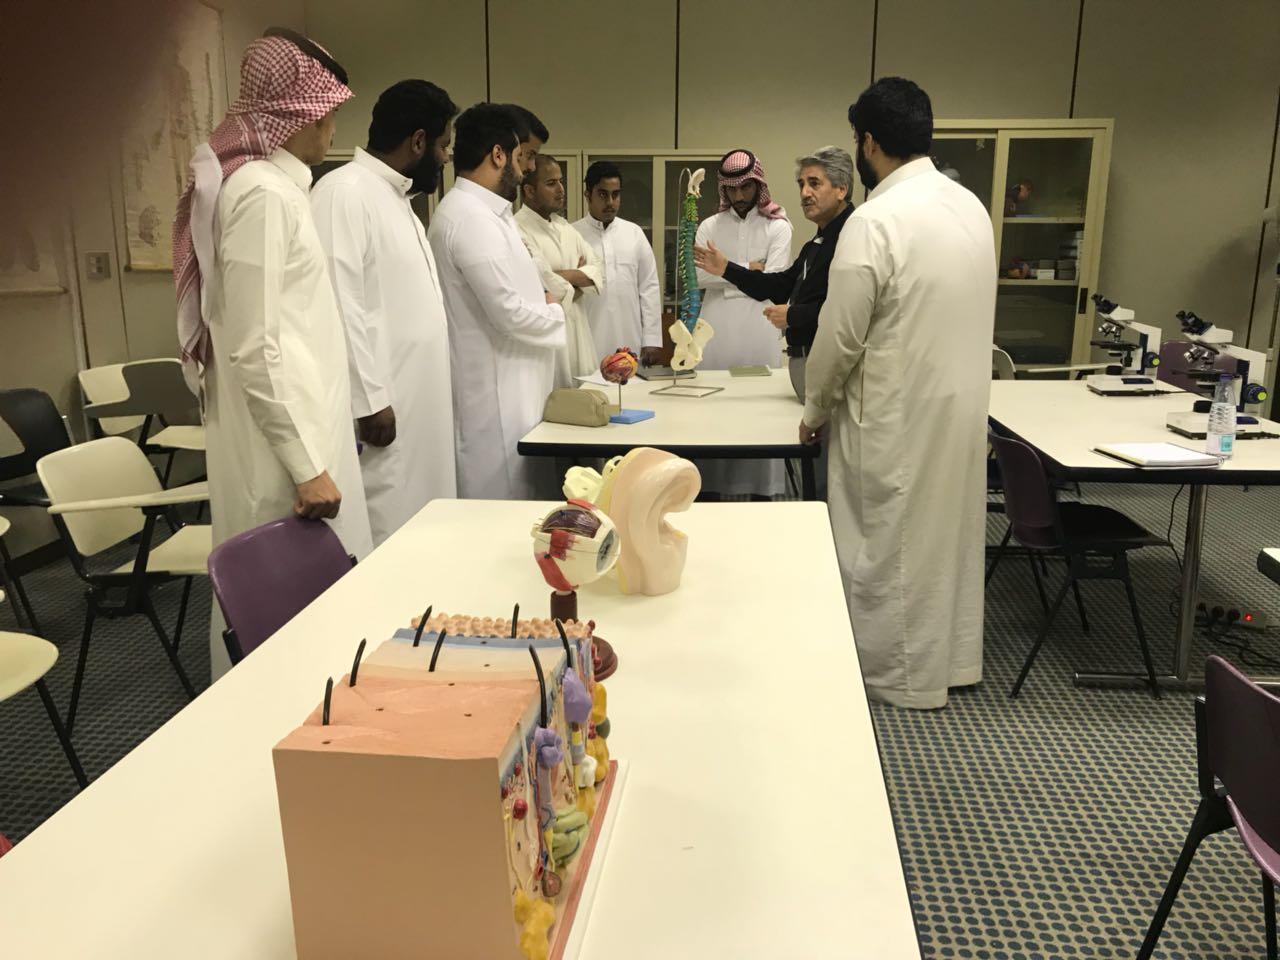 وفد من طلاب الجامعة يزور وحدة مختبرات علم النفس